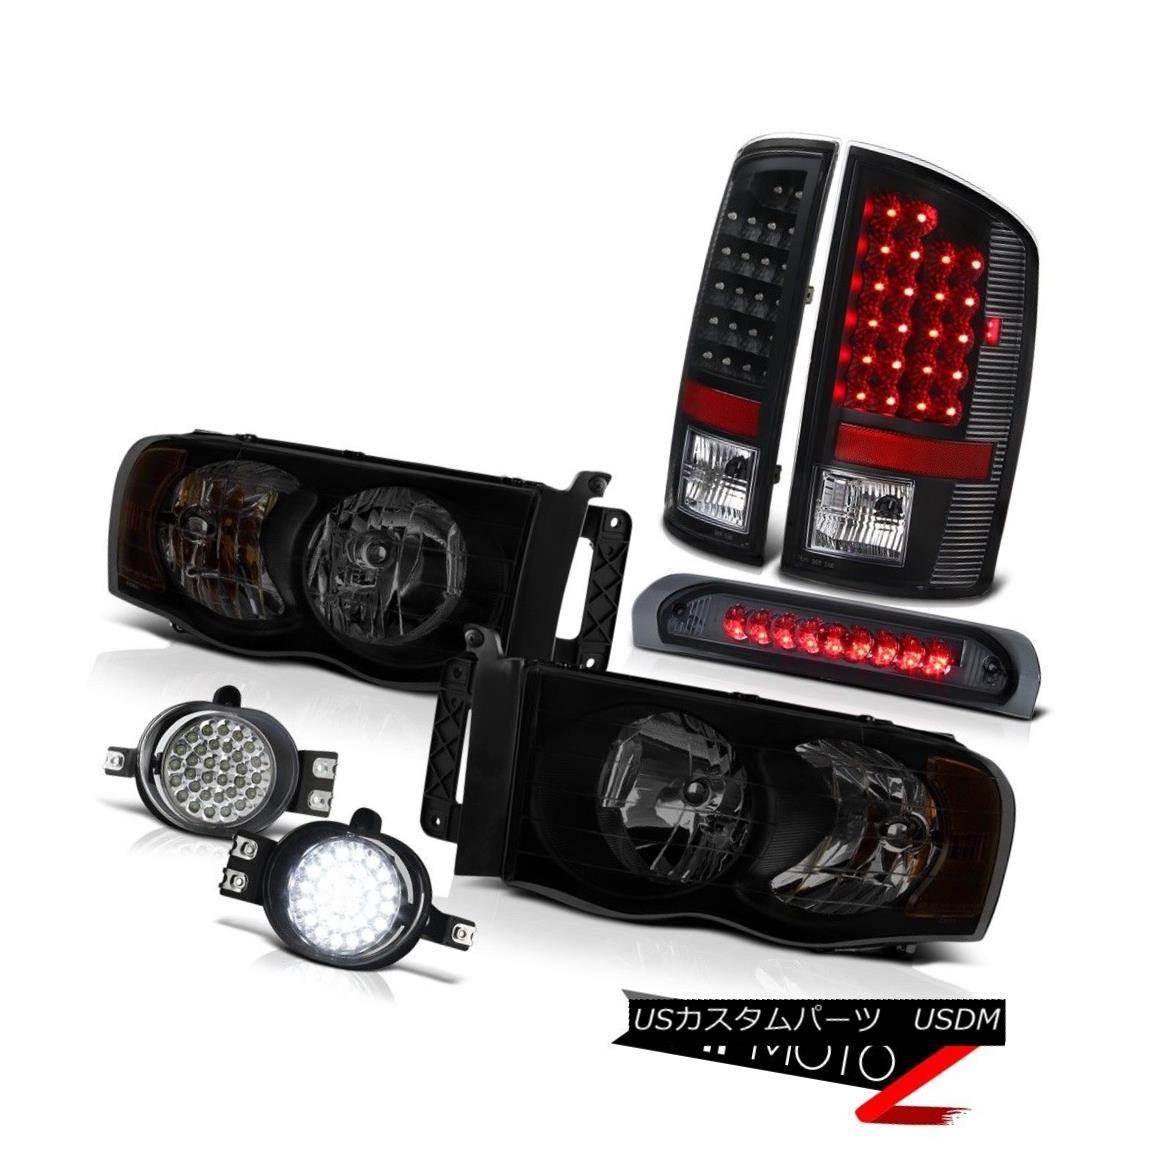 テールライト 2003-2005 Dodge Ram 2500 Ws Headlights Fog Lamps 3RD Brake Lamp Black Rear Lamps 2003-2005 Dodge Ram 2500 Wsヘッドライトフォグランプ3RDブレーキランプブラックリアランプ